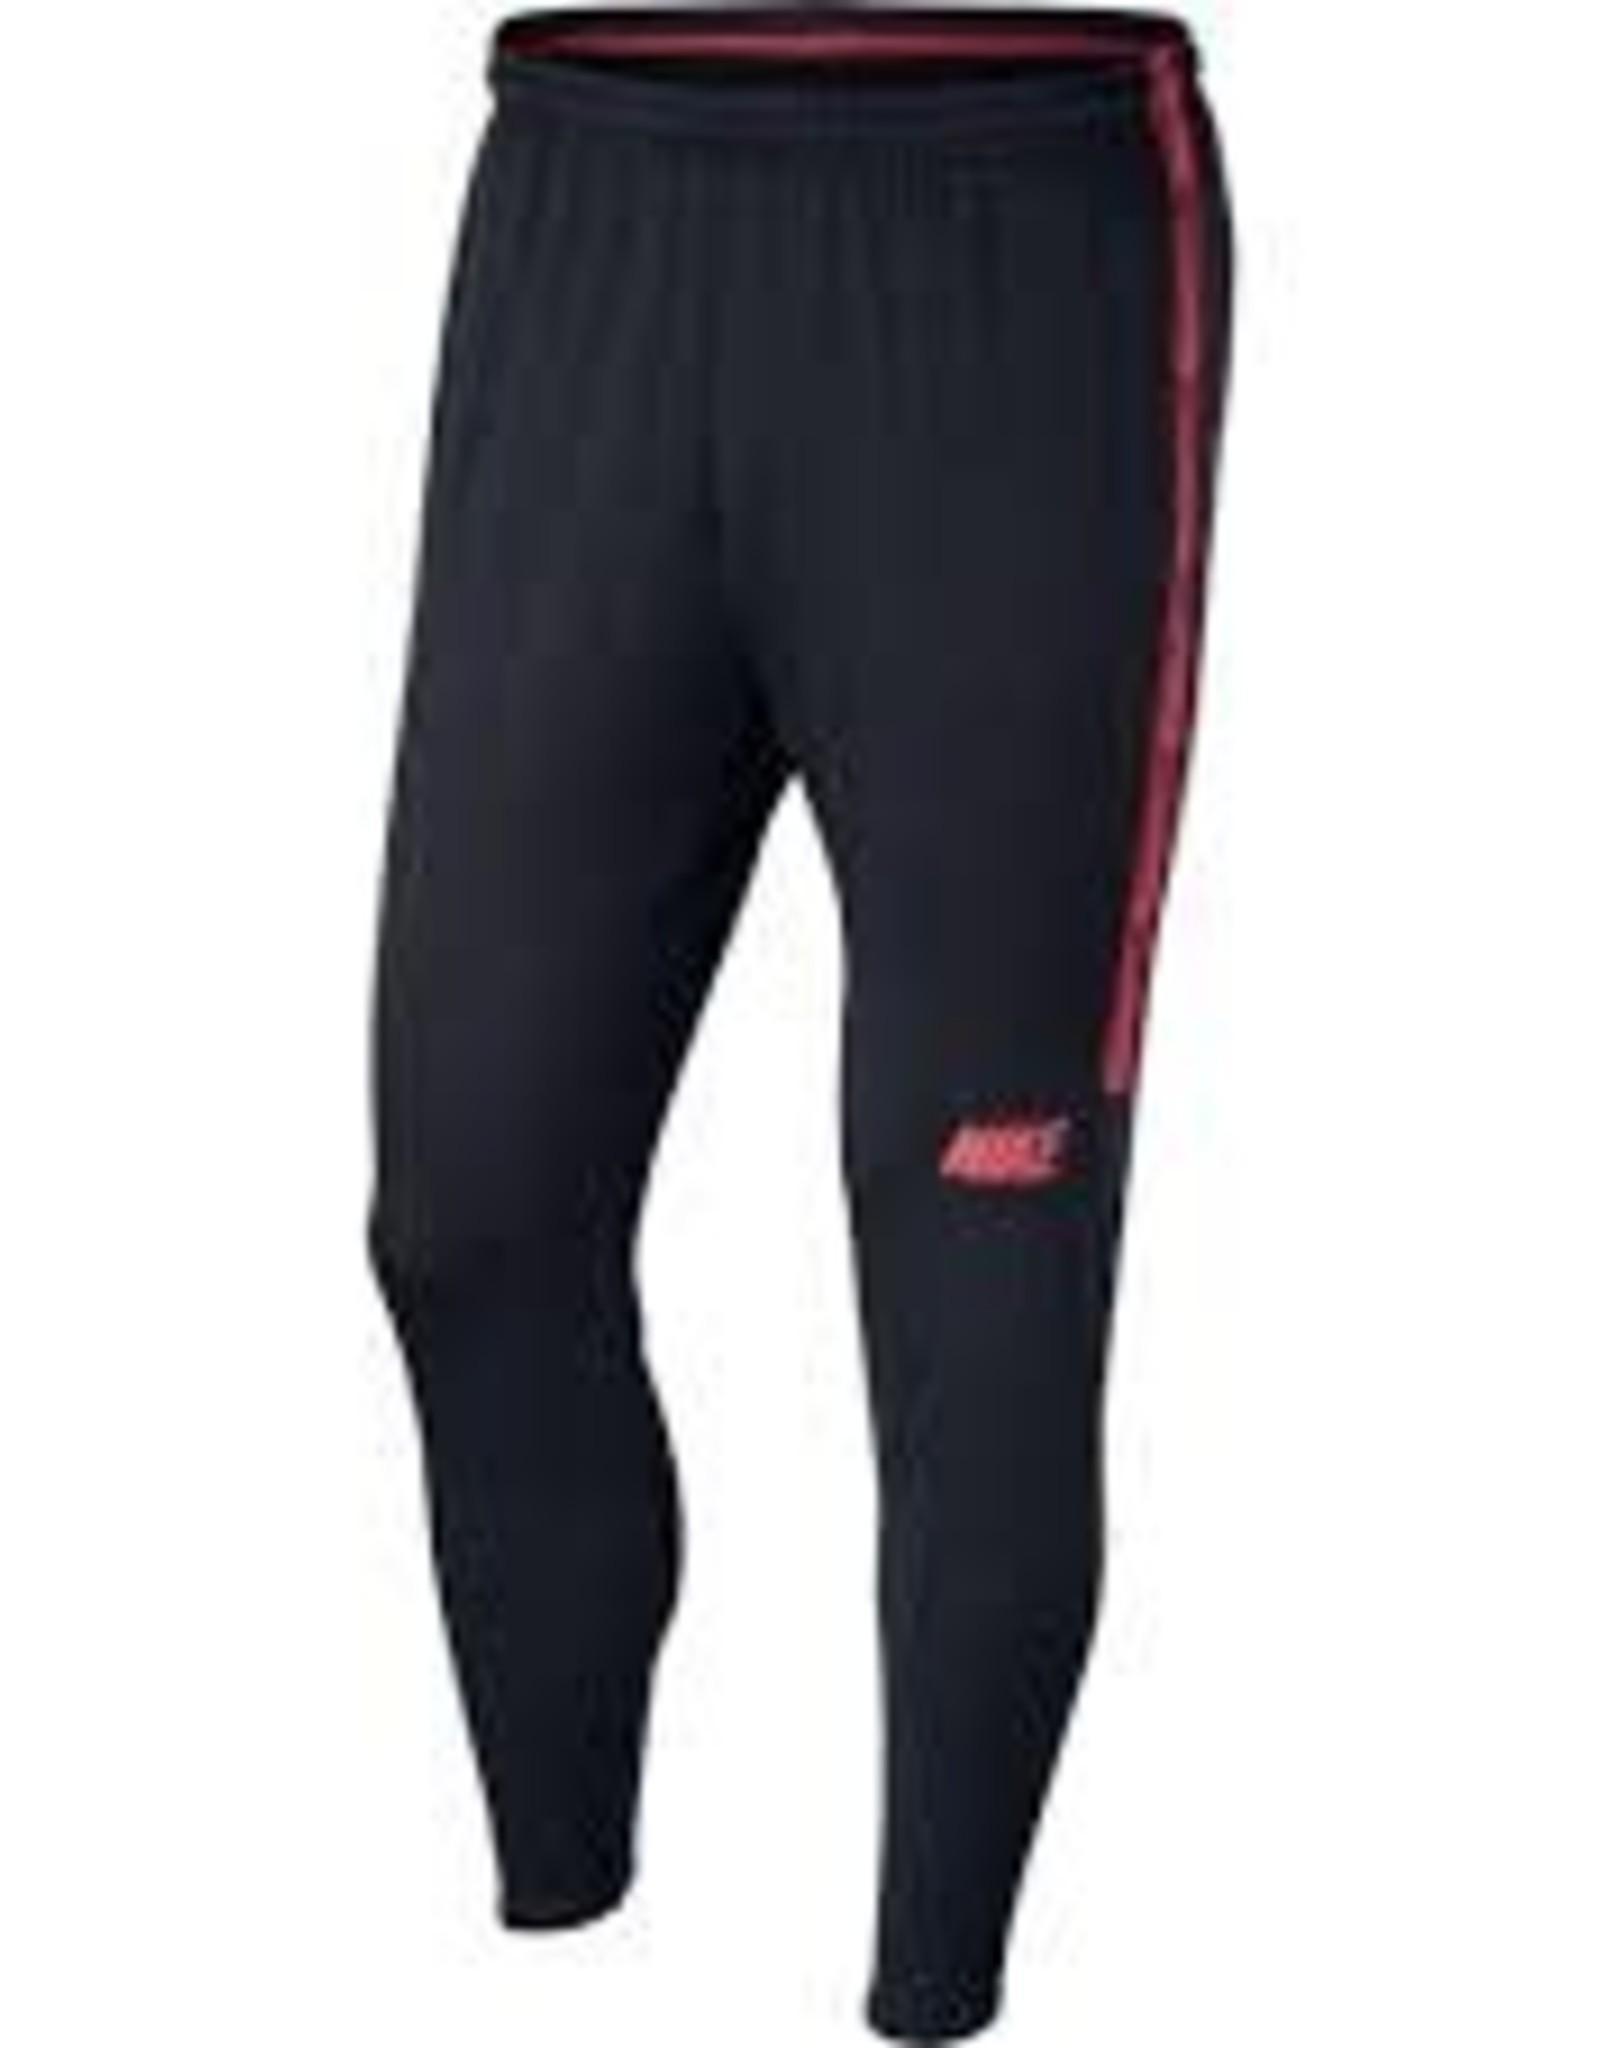 Nike nike broek bq3774 sr